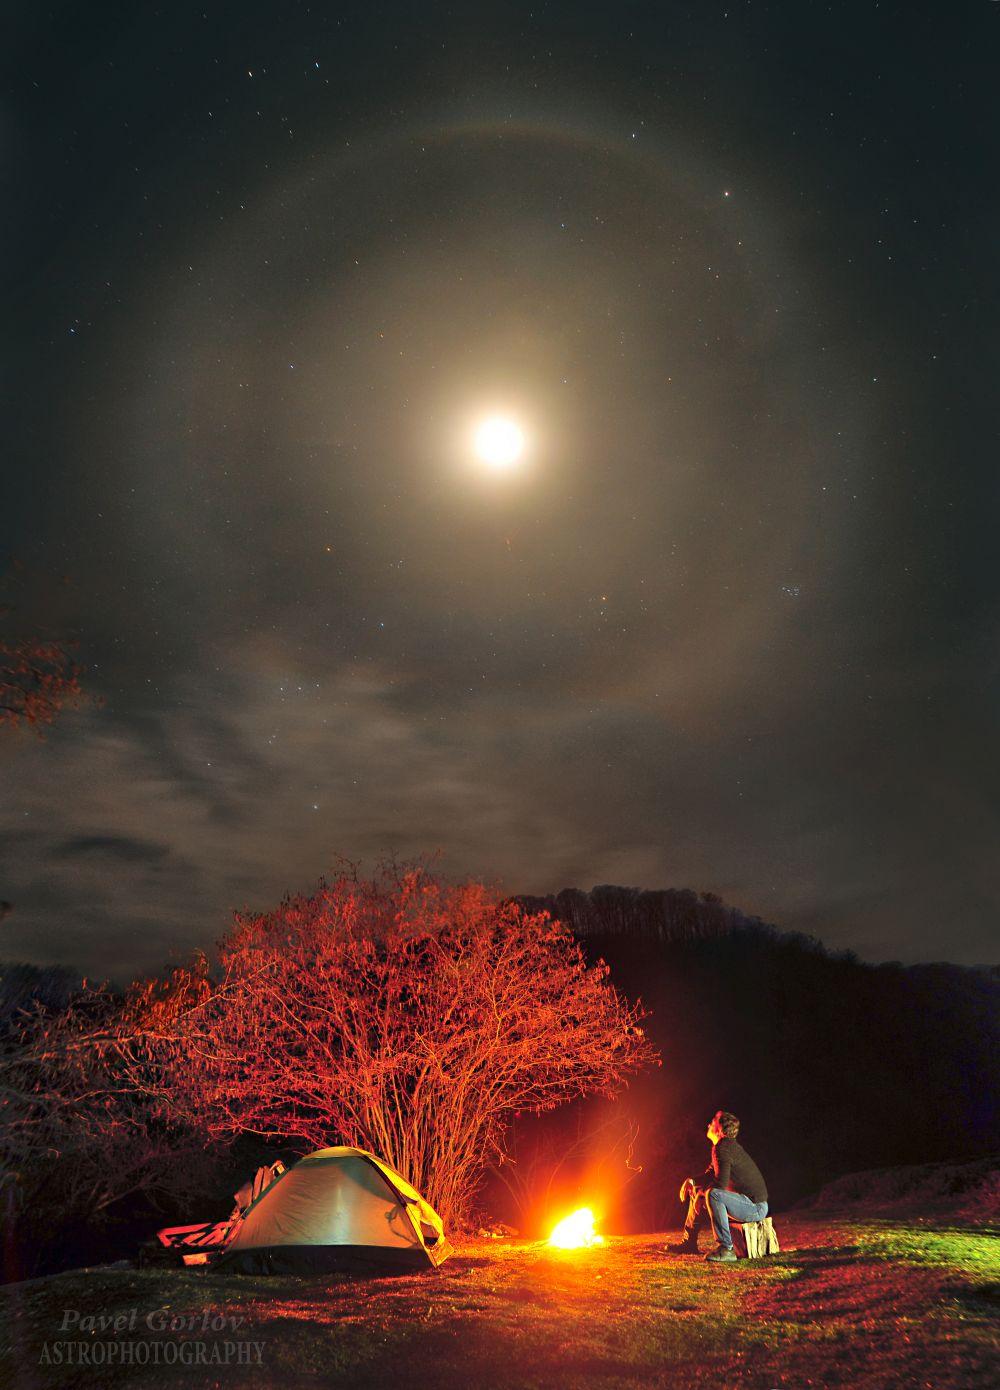 Вечер у костра и лунное гало.